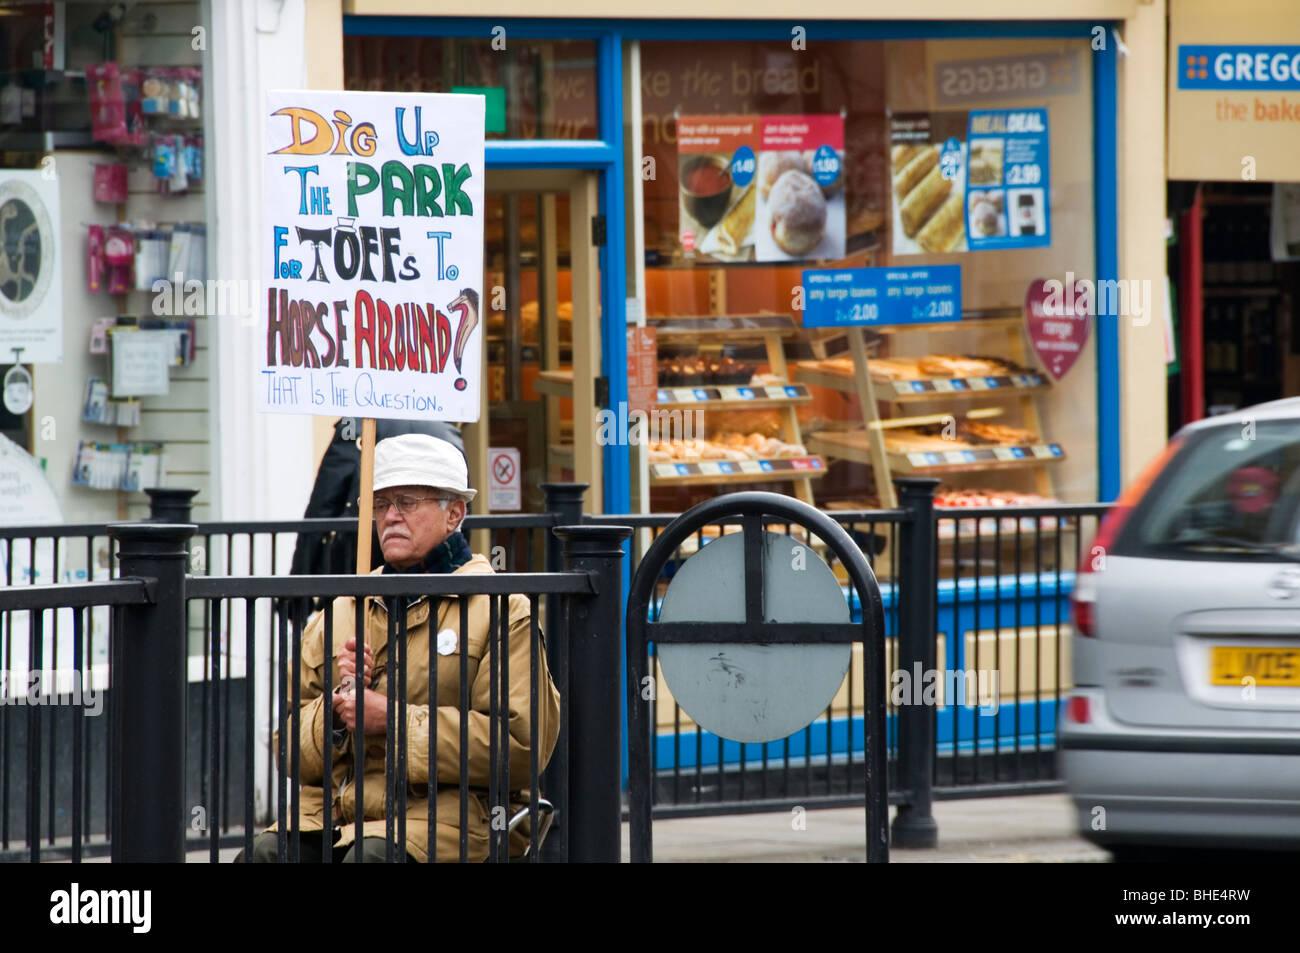 Un manifestant à Blackheath contre l'utilisation de Greenwich Park pour les Jeux Olympiques de 2012 Photo Stock